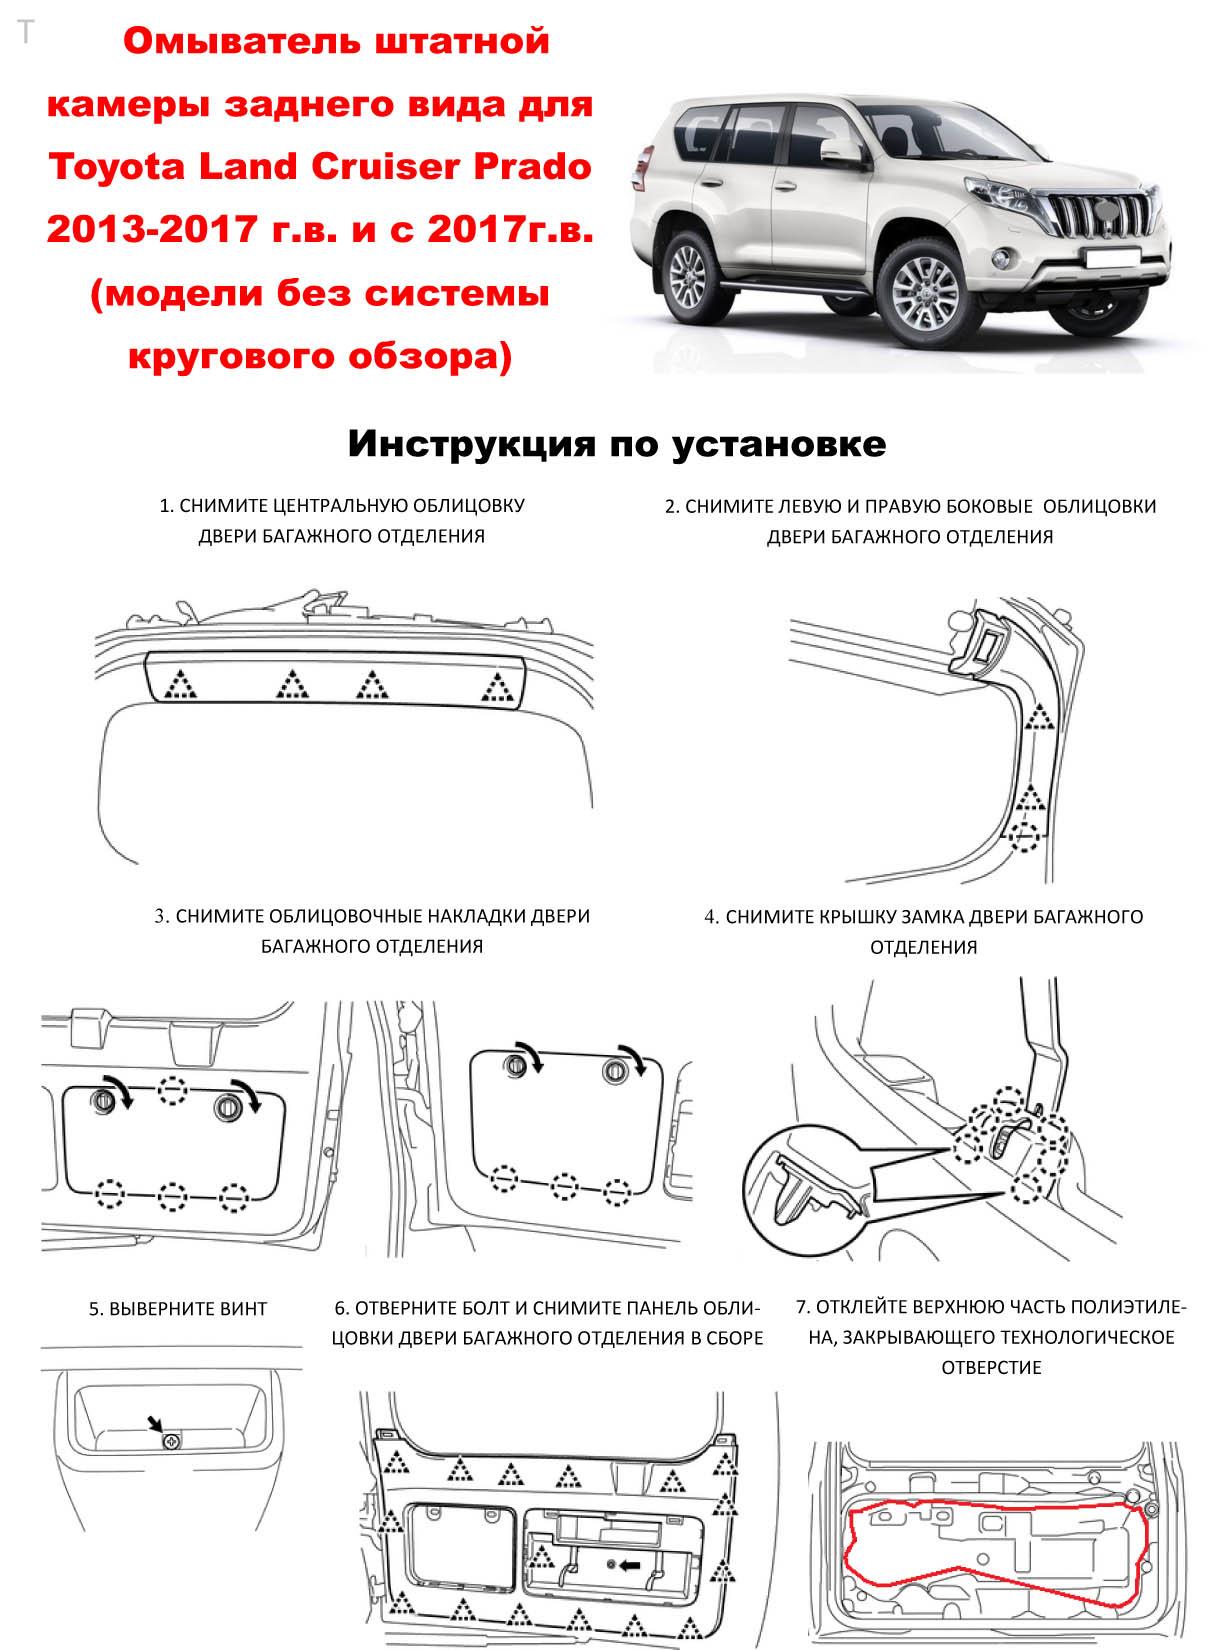 Инструкция по установке омывателя камеры заднего вида для Toyota Land Cruiser Prado 150